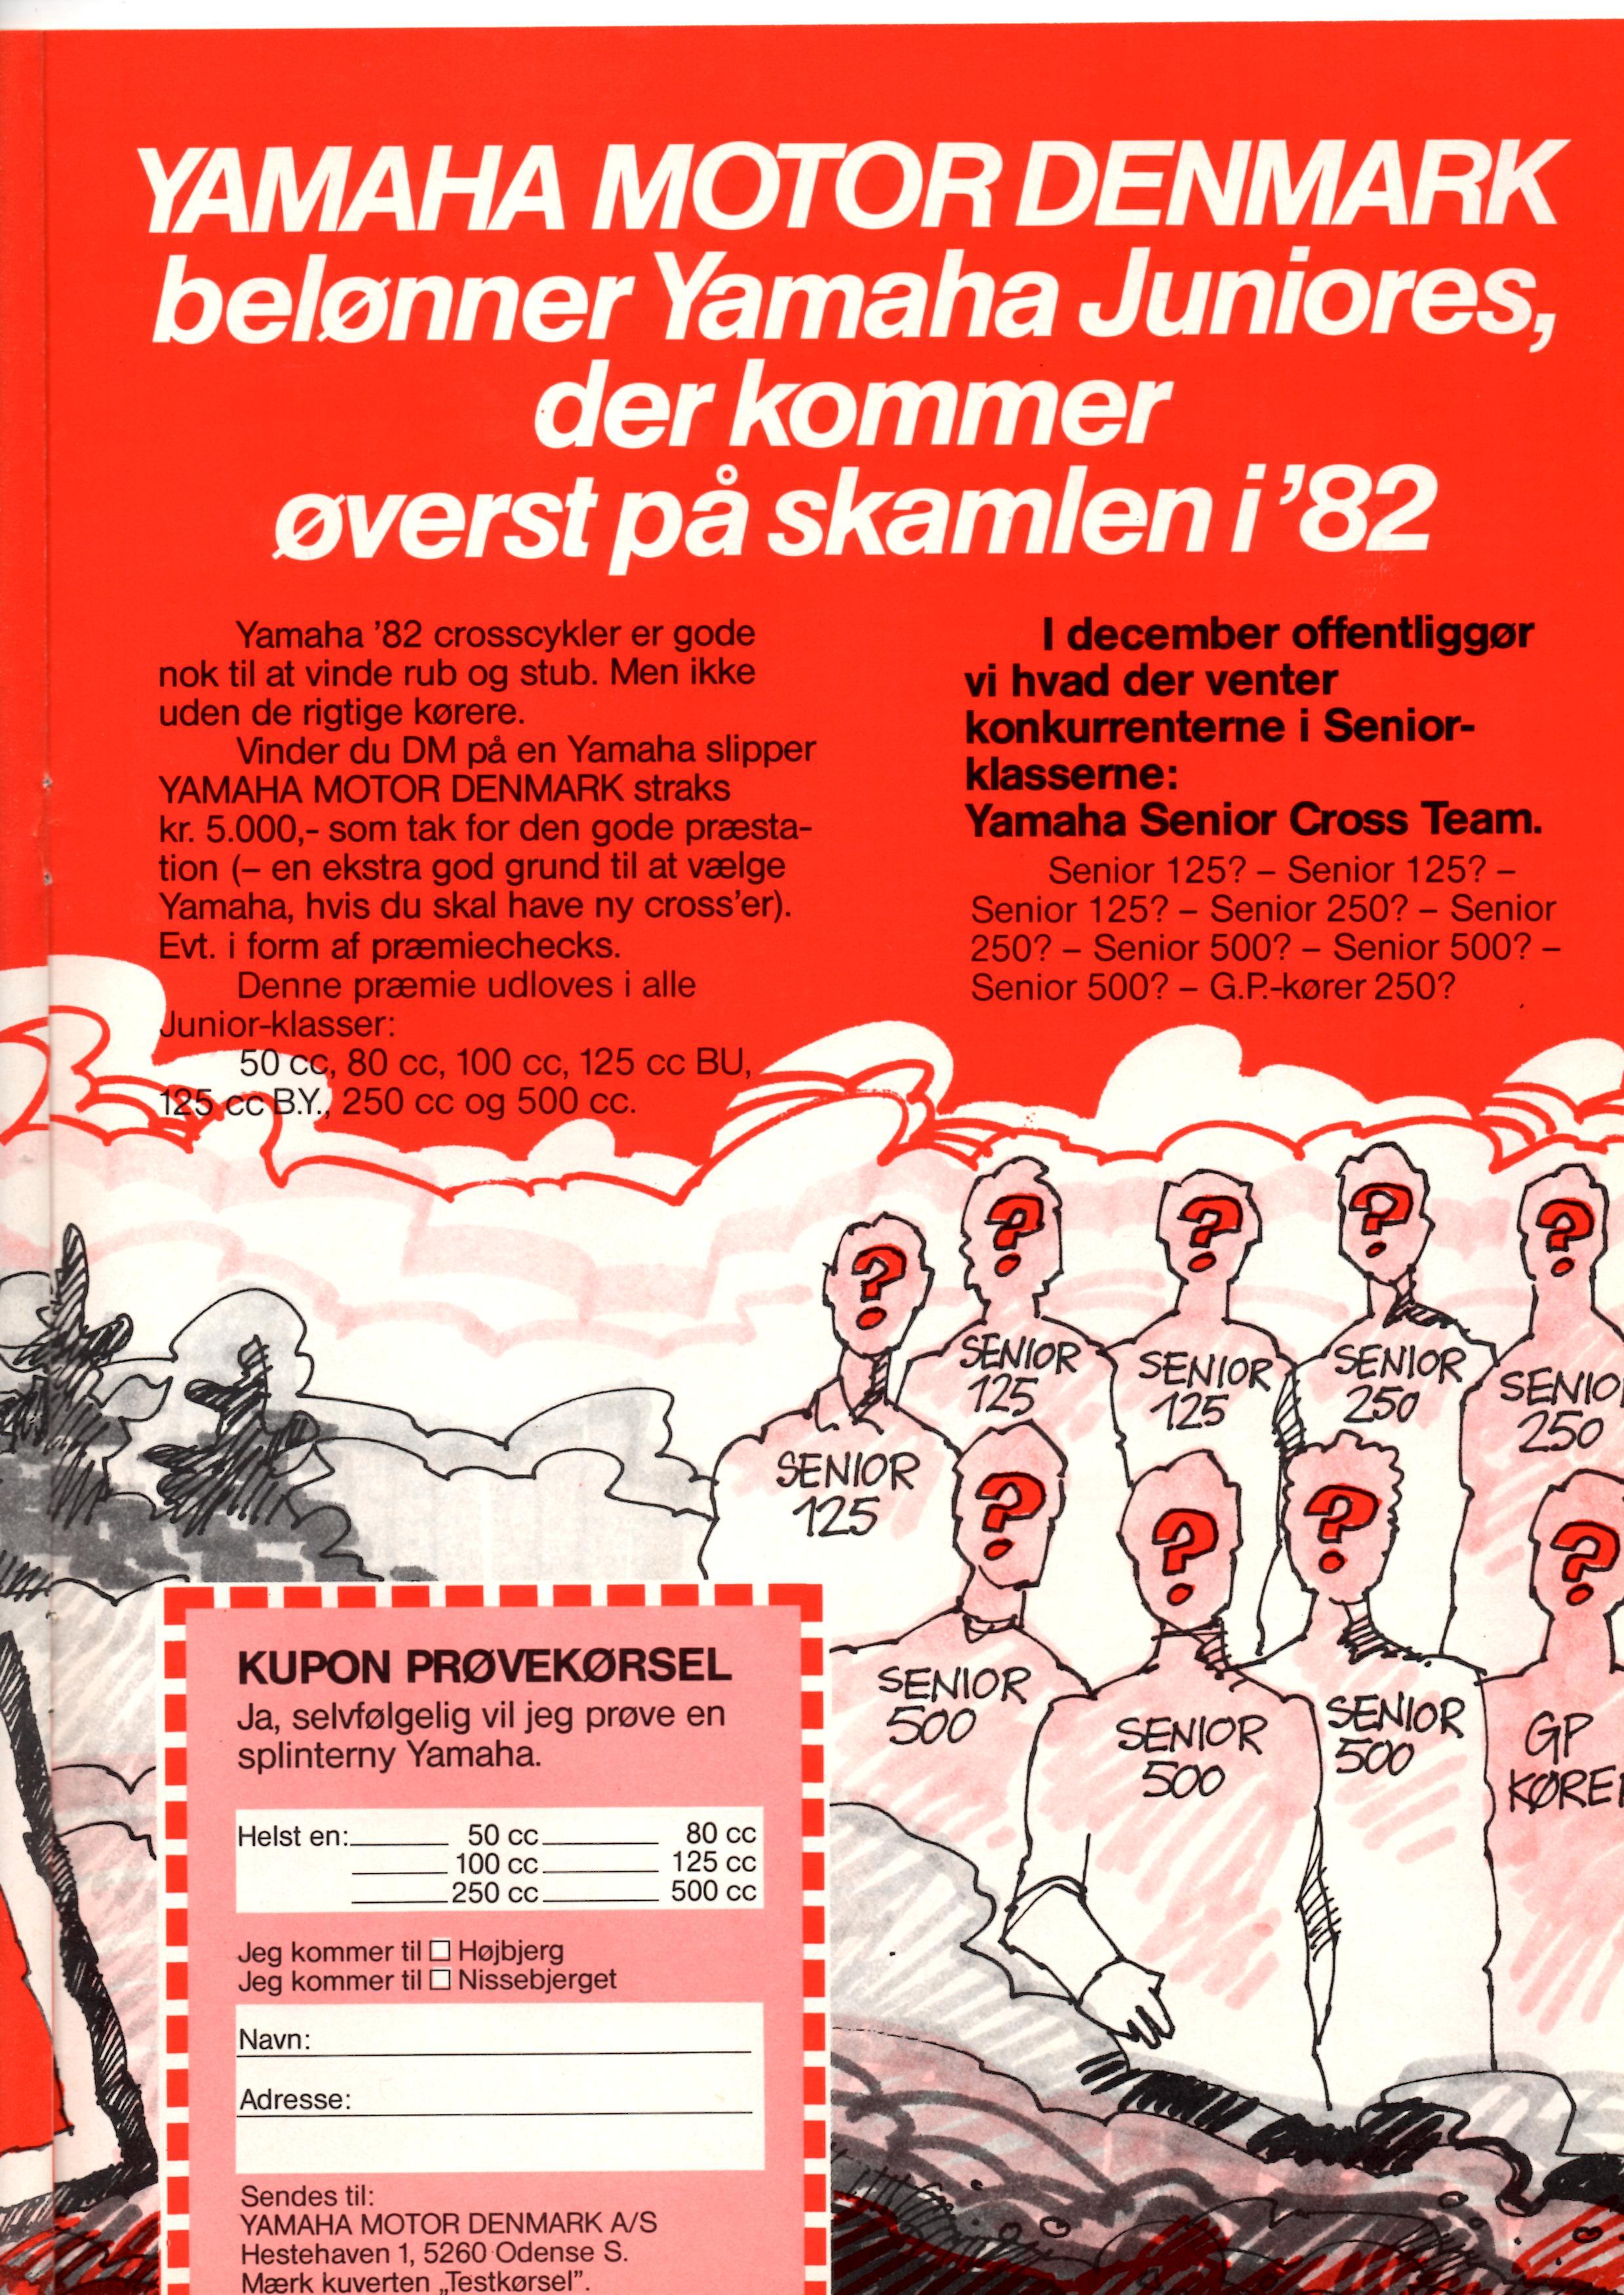 I Motorbladet november 1981 kan man se, at Yamaha selv har overtaget styringen i Danmark.